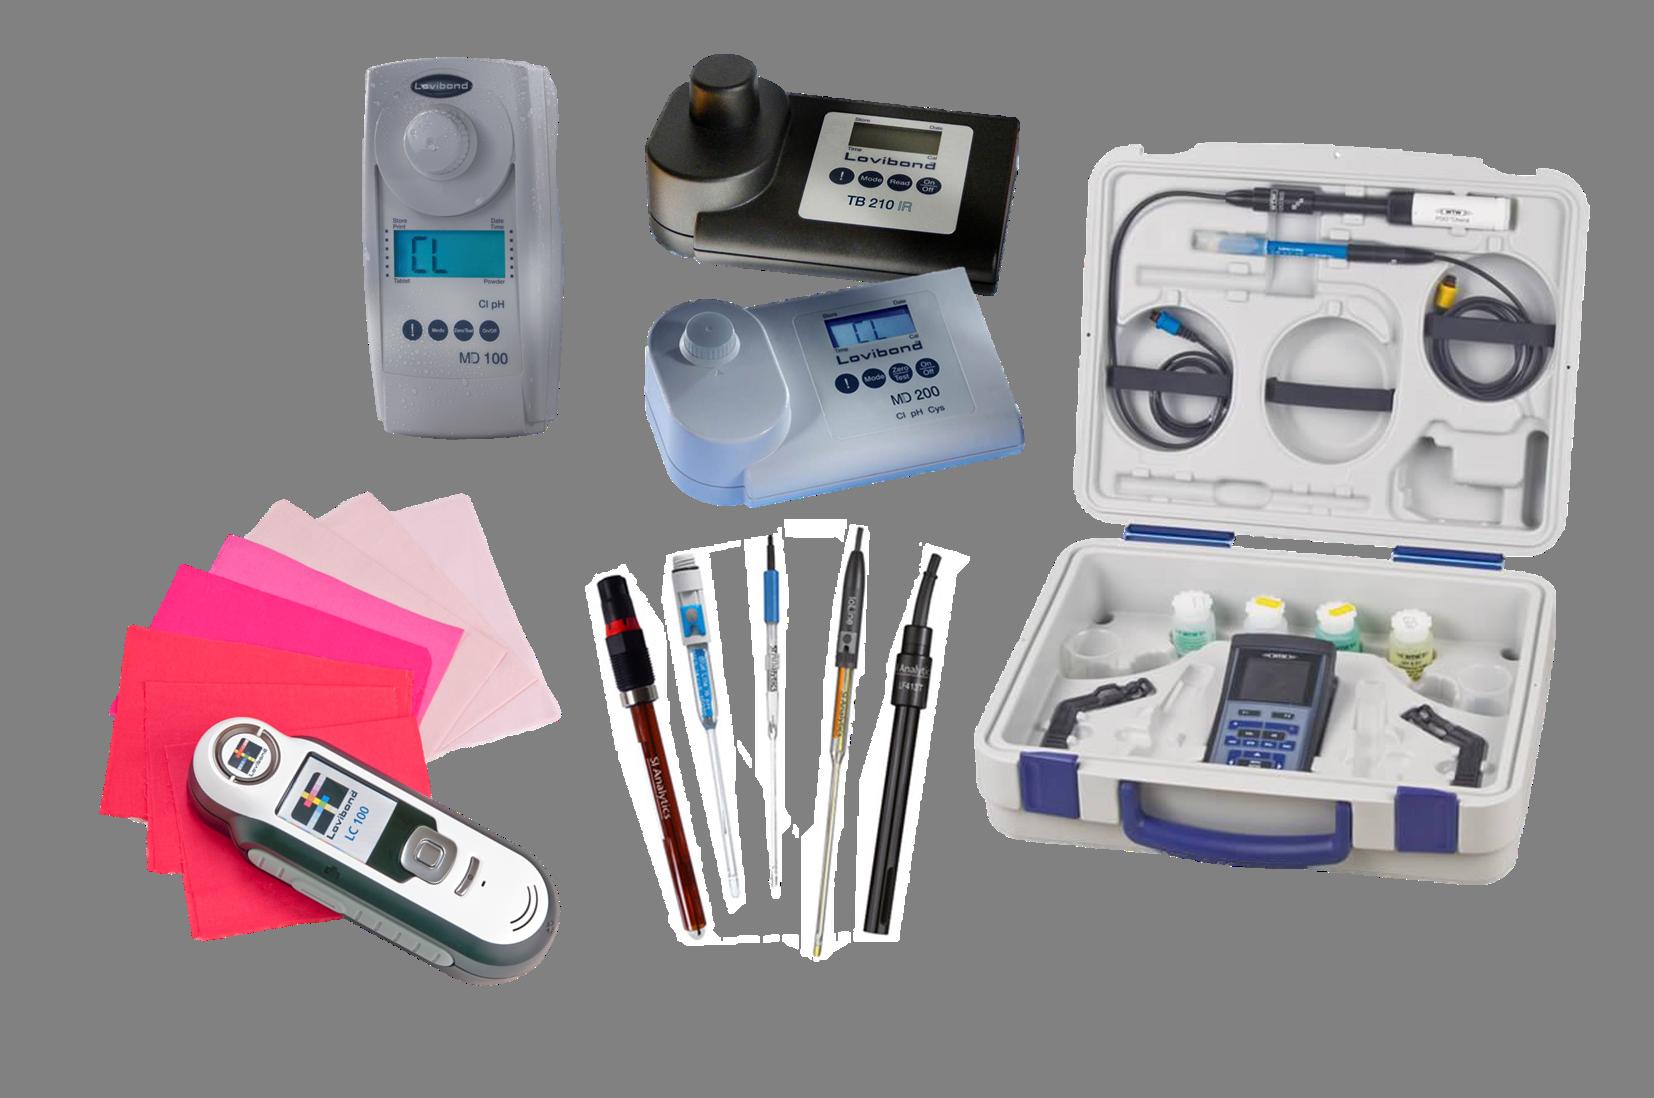 תמונת קטגוריה - מדידות אנליטיות מעבדתיות - מכשירים